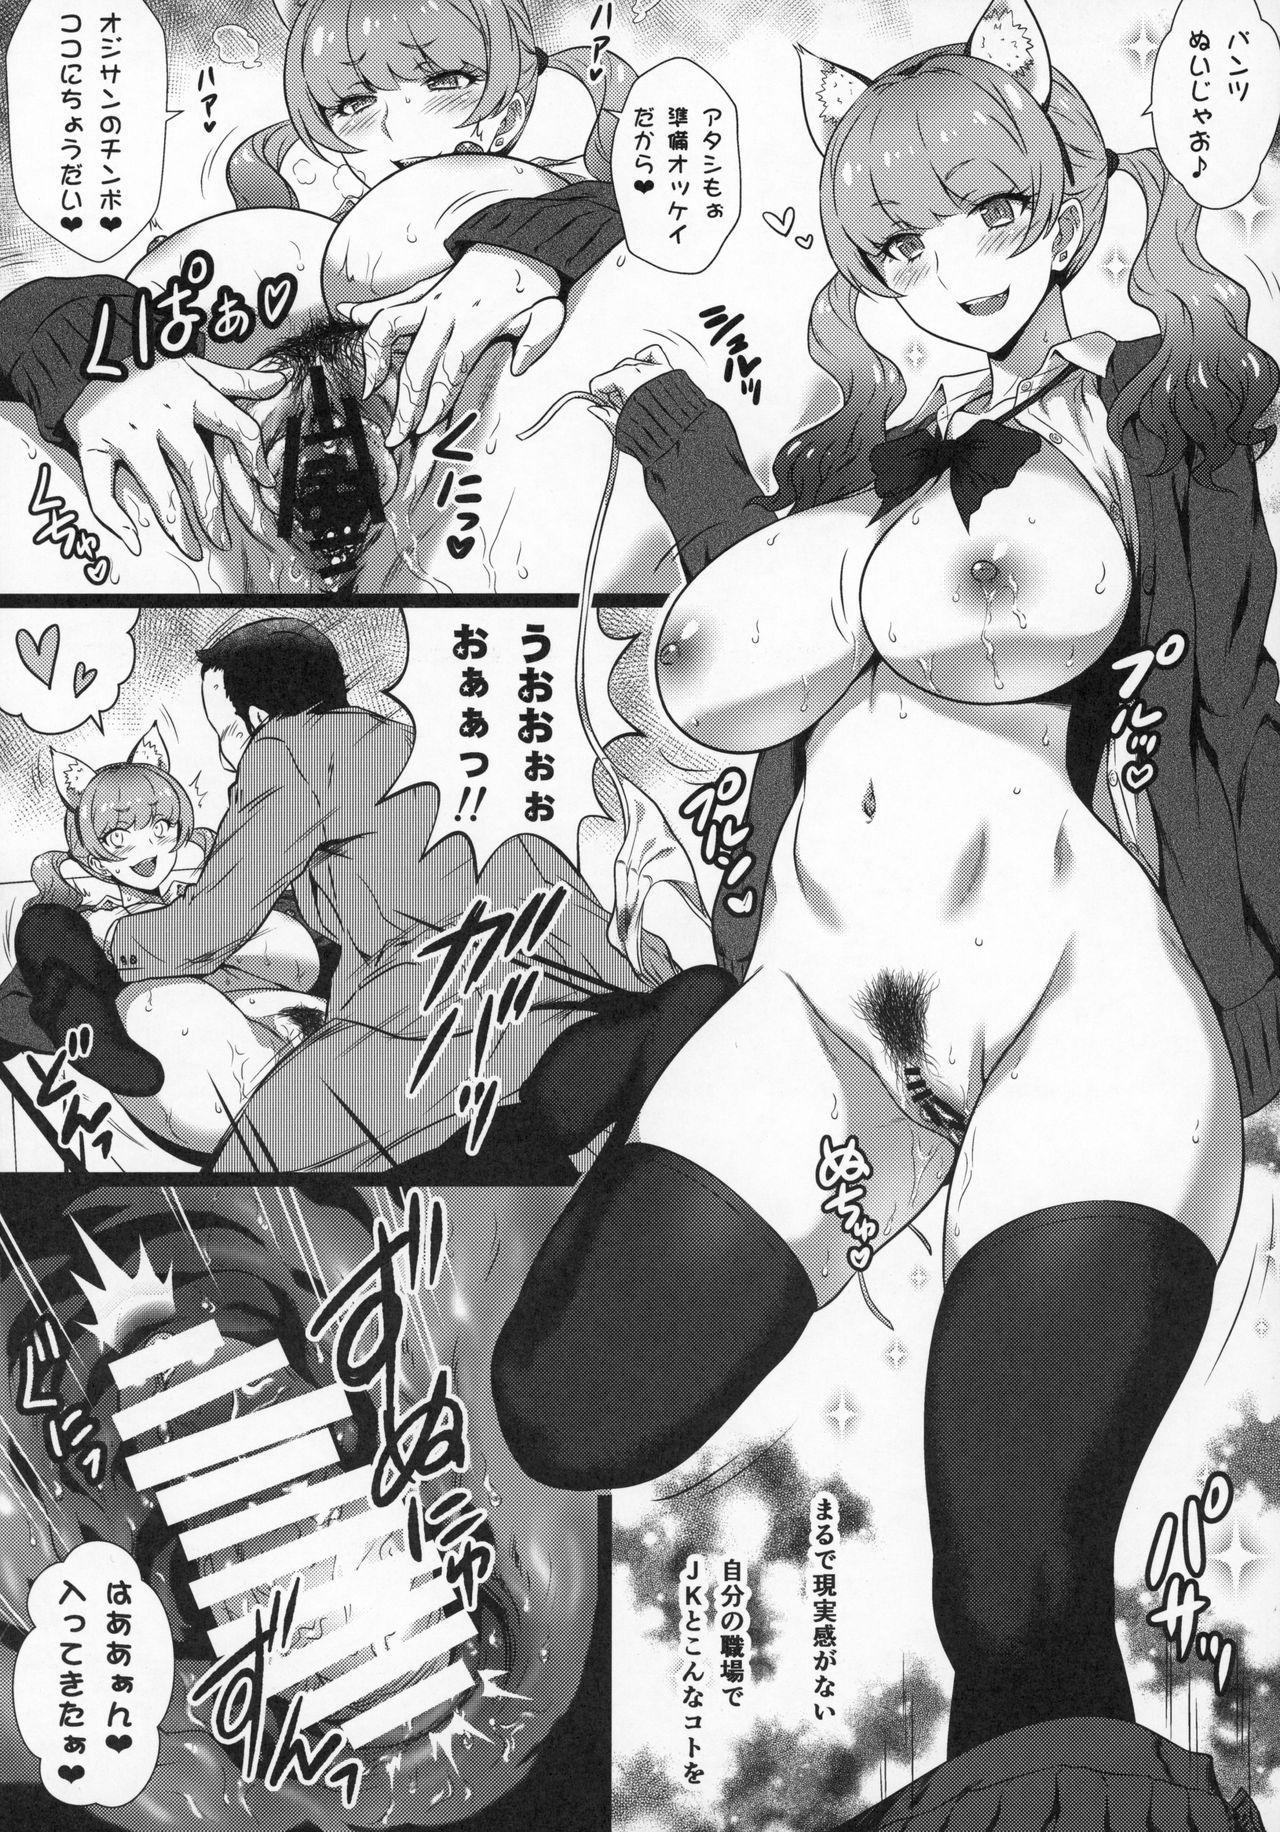 Yorokobi no Kuni Vol. 37 - Koakuma Gal ni Furimawasaretai 12